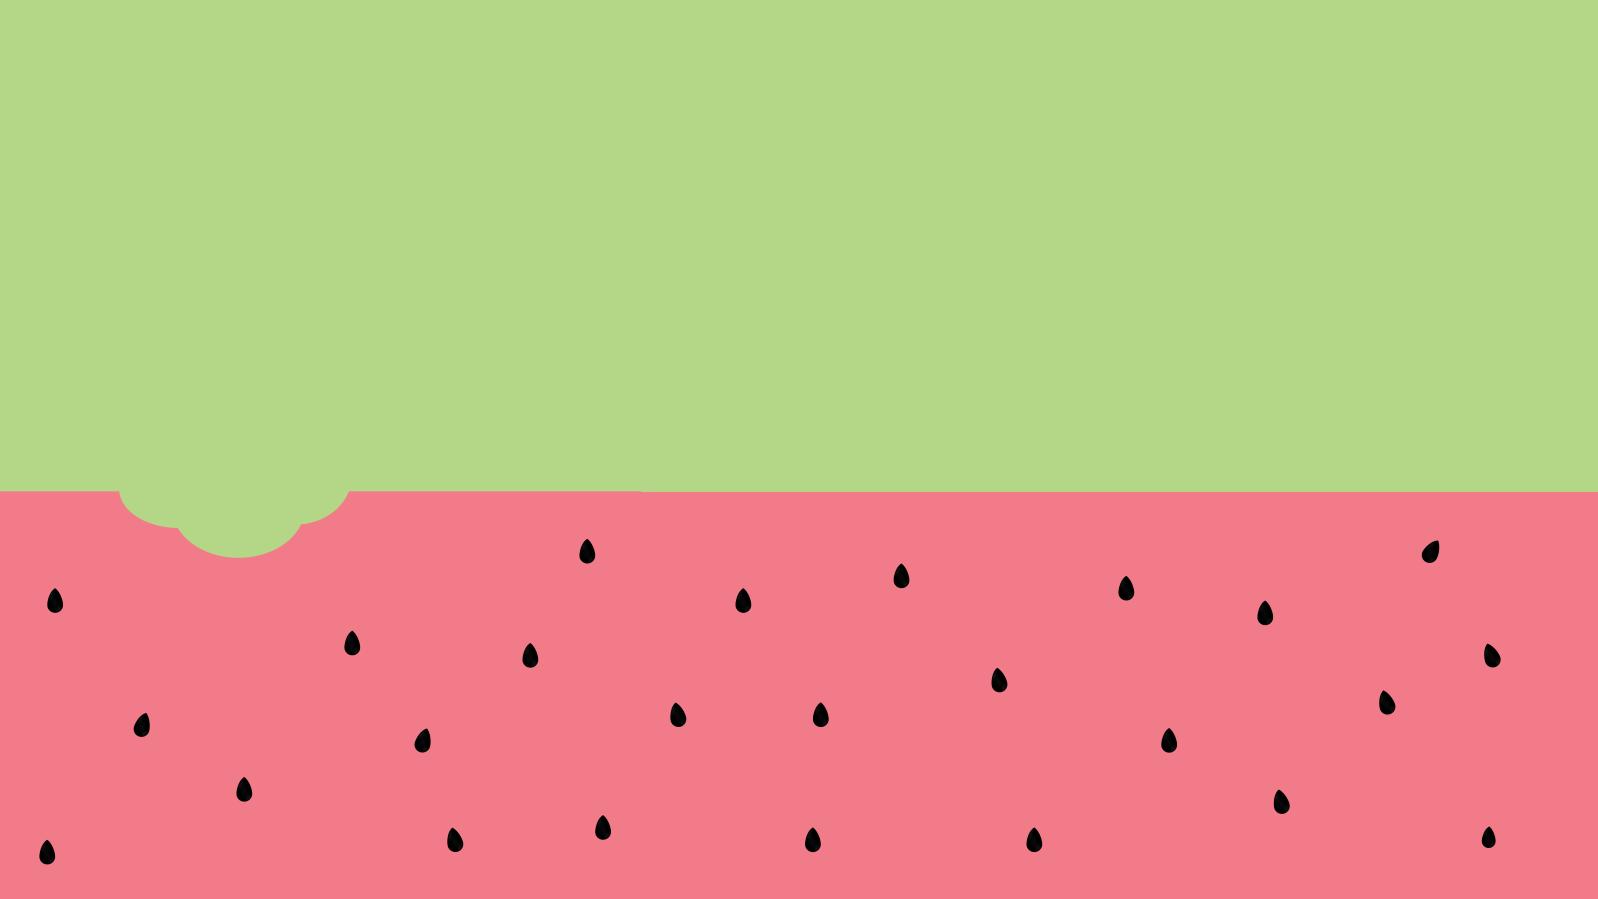 watermelon wallpaper wallpapersafari